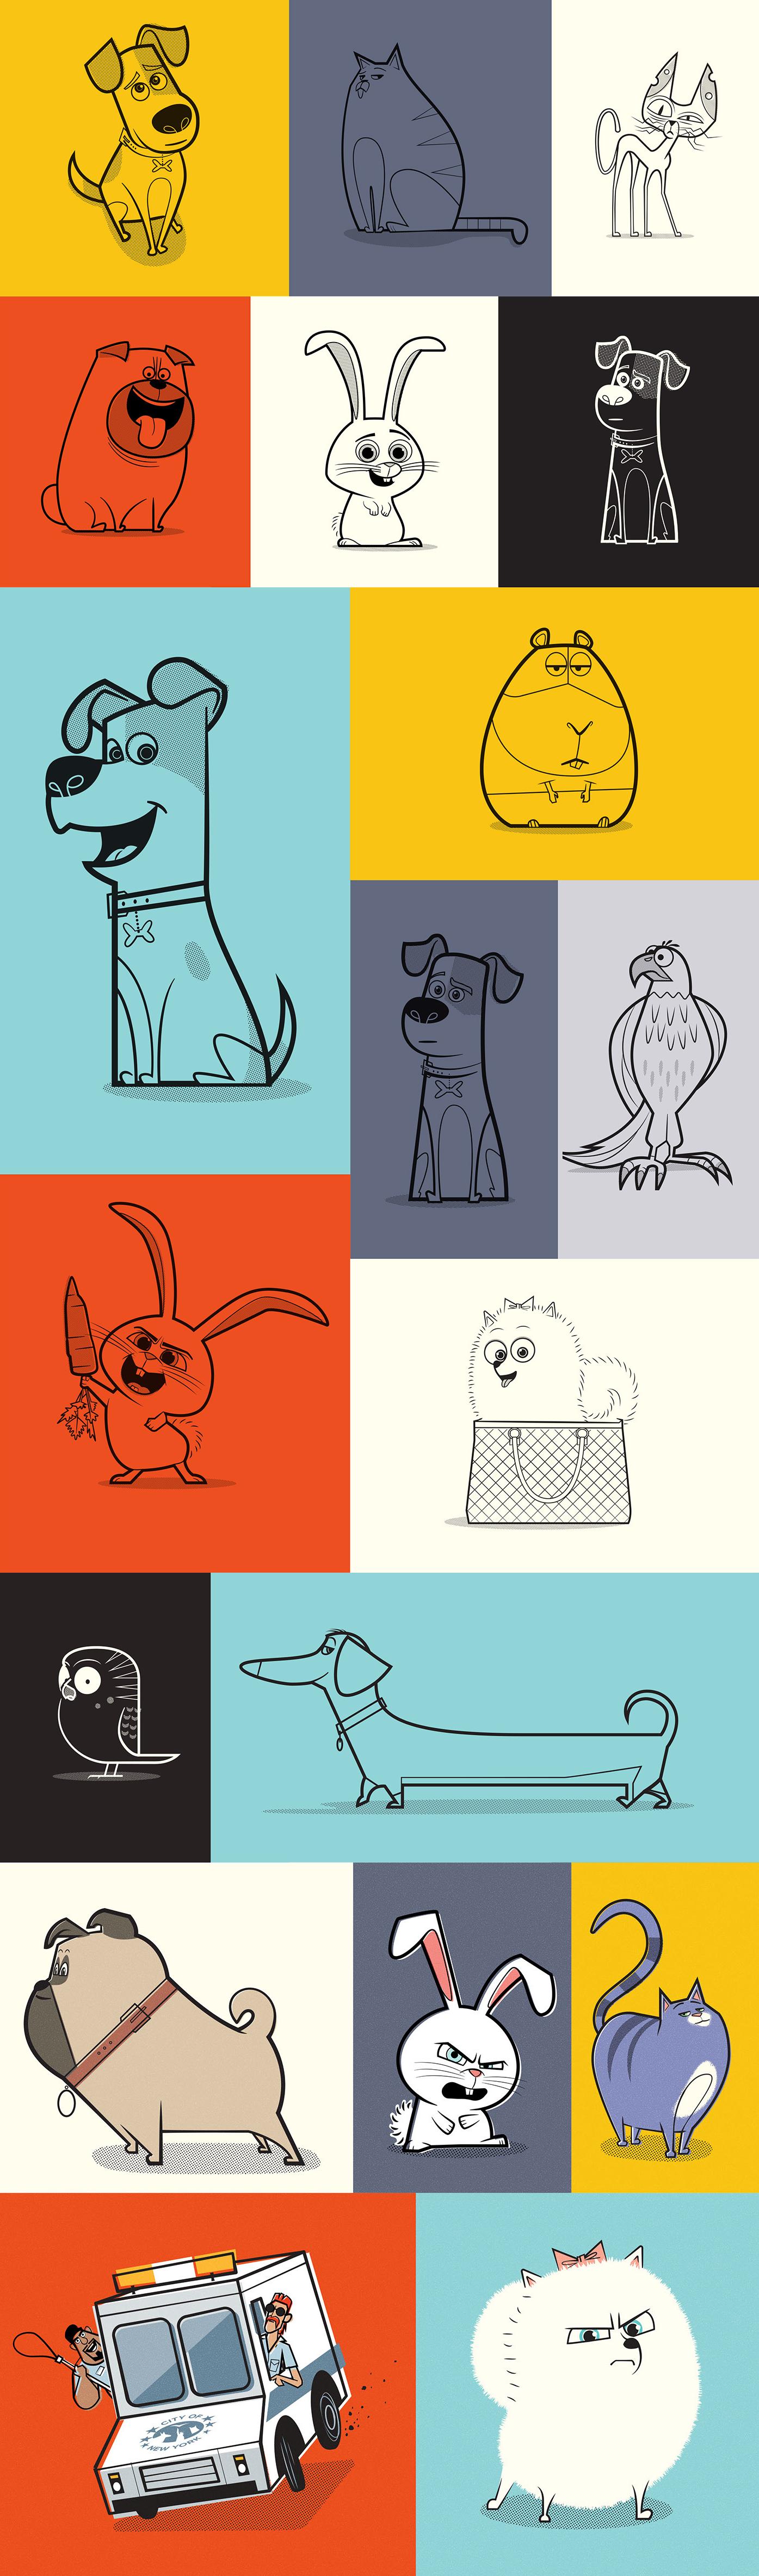 简单手绘|像素画|插画|wsound - 原创设计作品 - 站酷